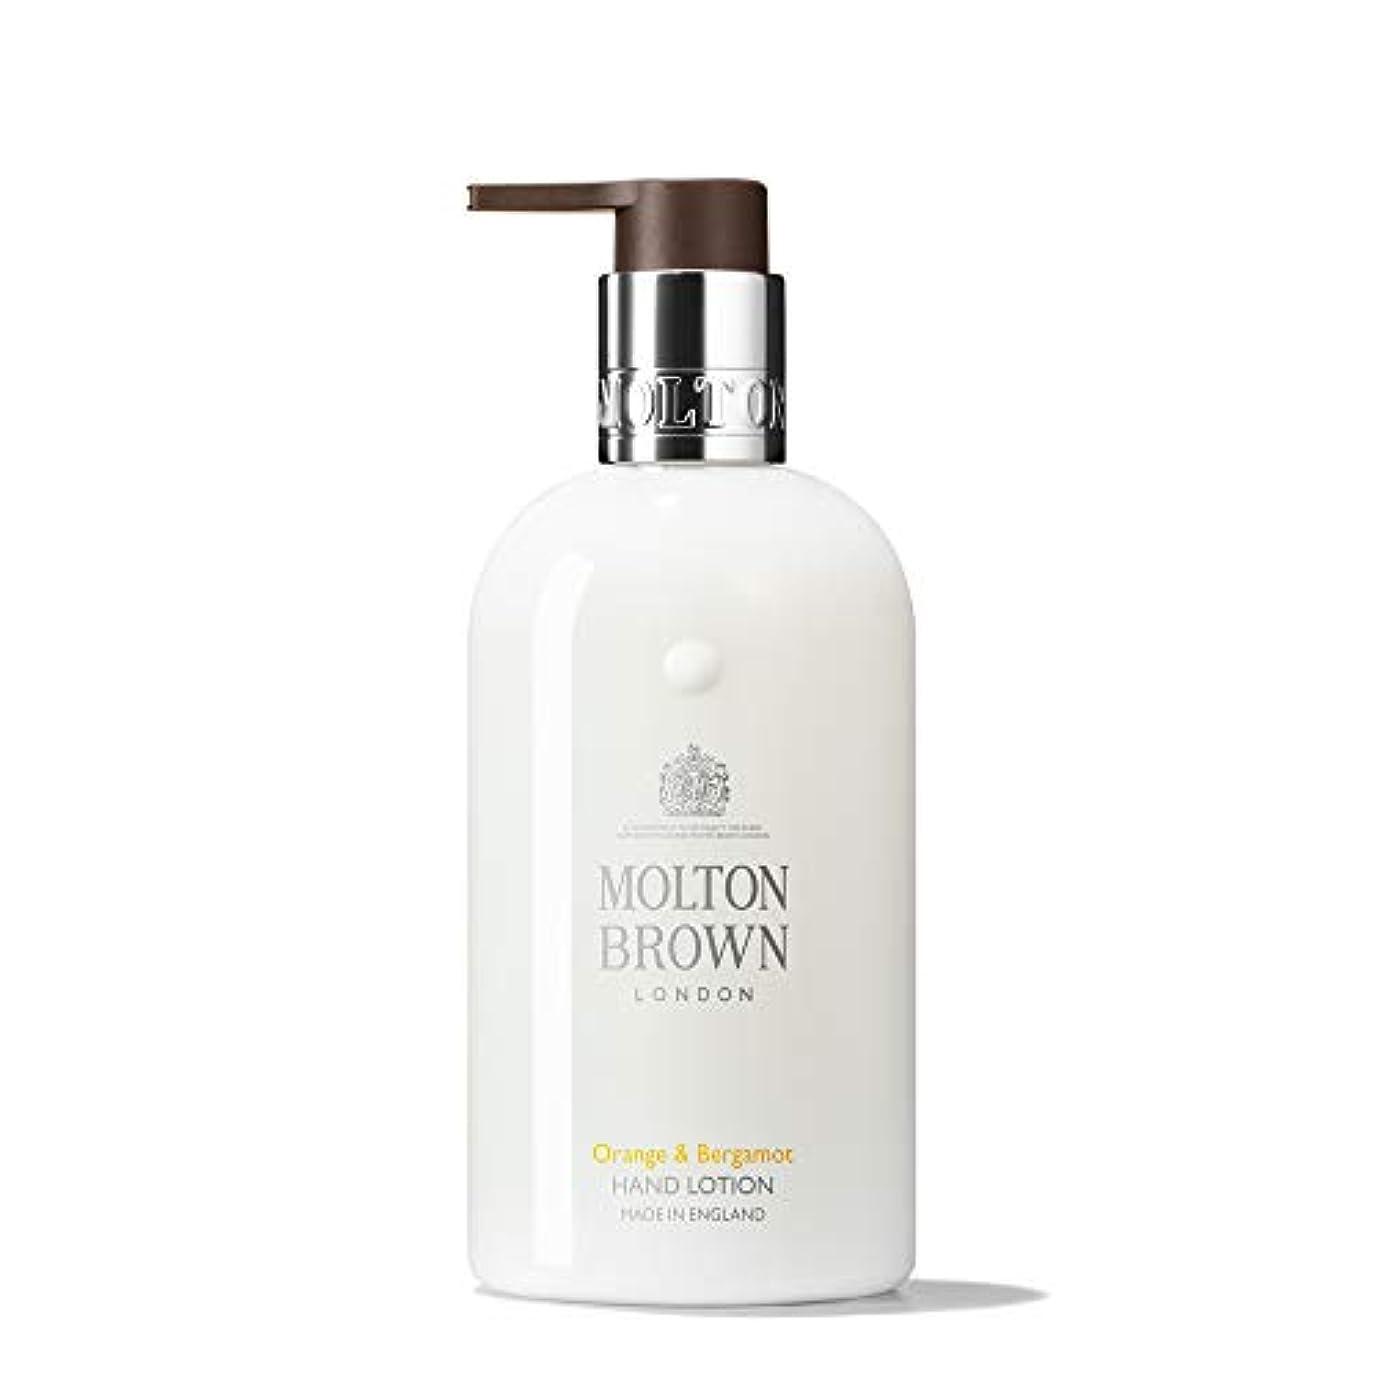 MOLTON BROWN(モルトンブラウン) オレンジ&ベルガモット コレクション O&B ハンドローション